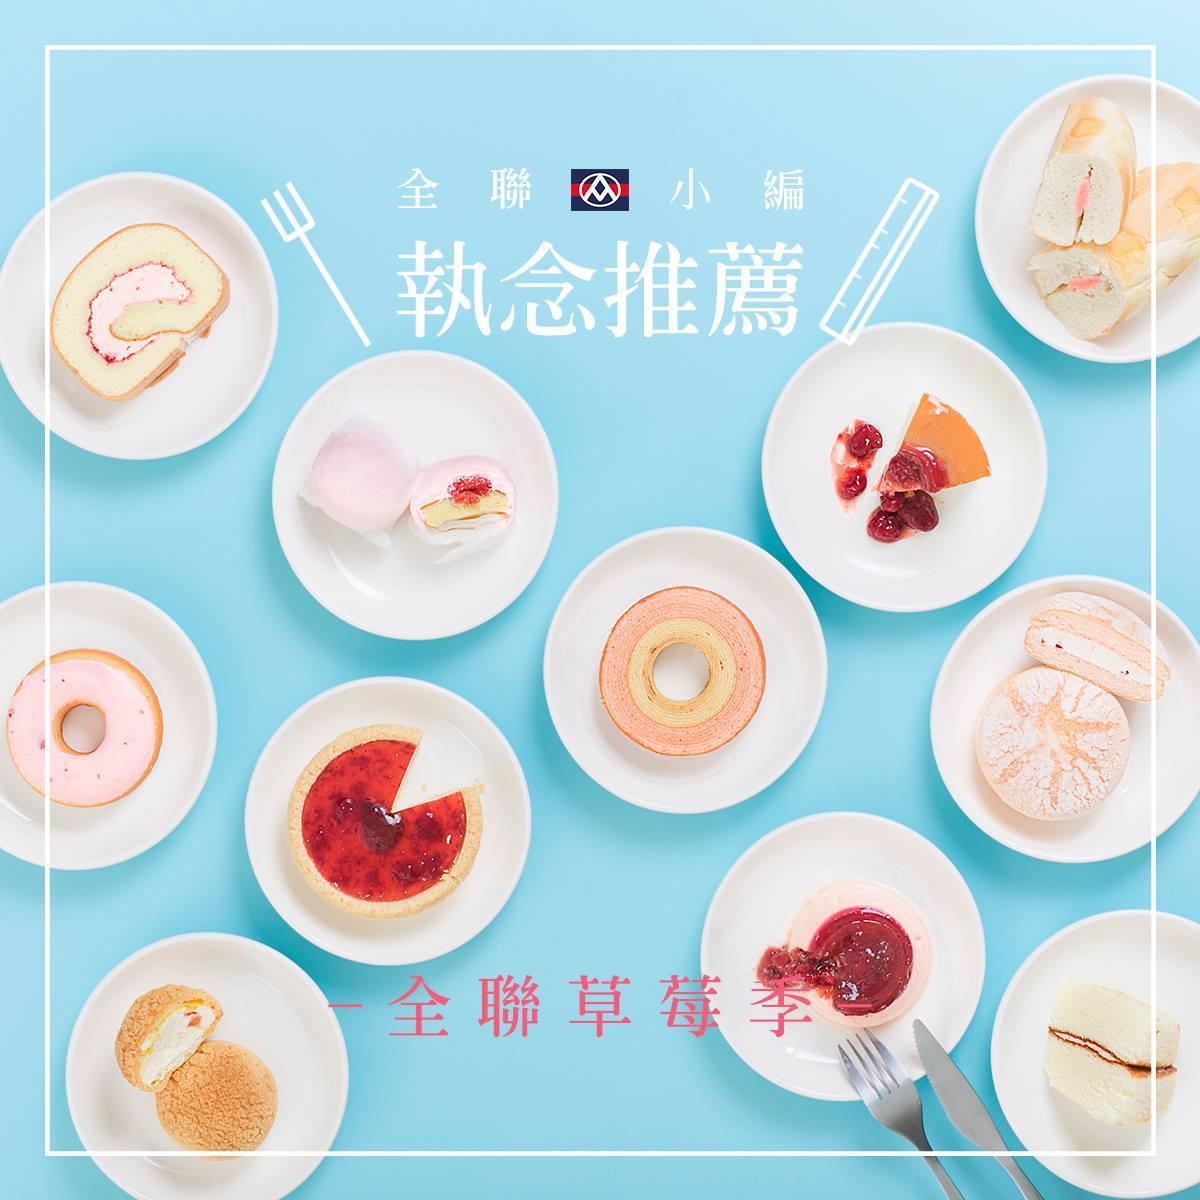 全聯草莓季於3月9日開賣,推出11款甜點。圖/轉載自全聯官方粉絲團